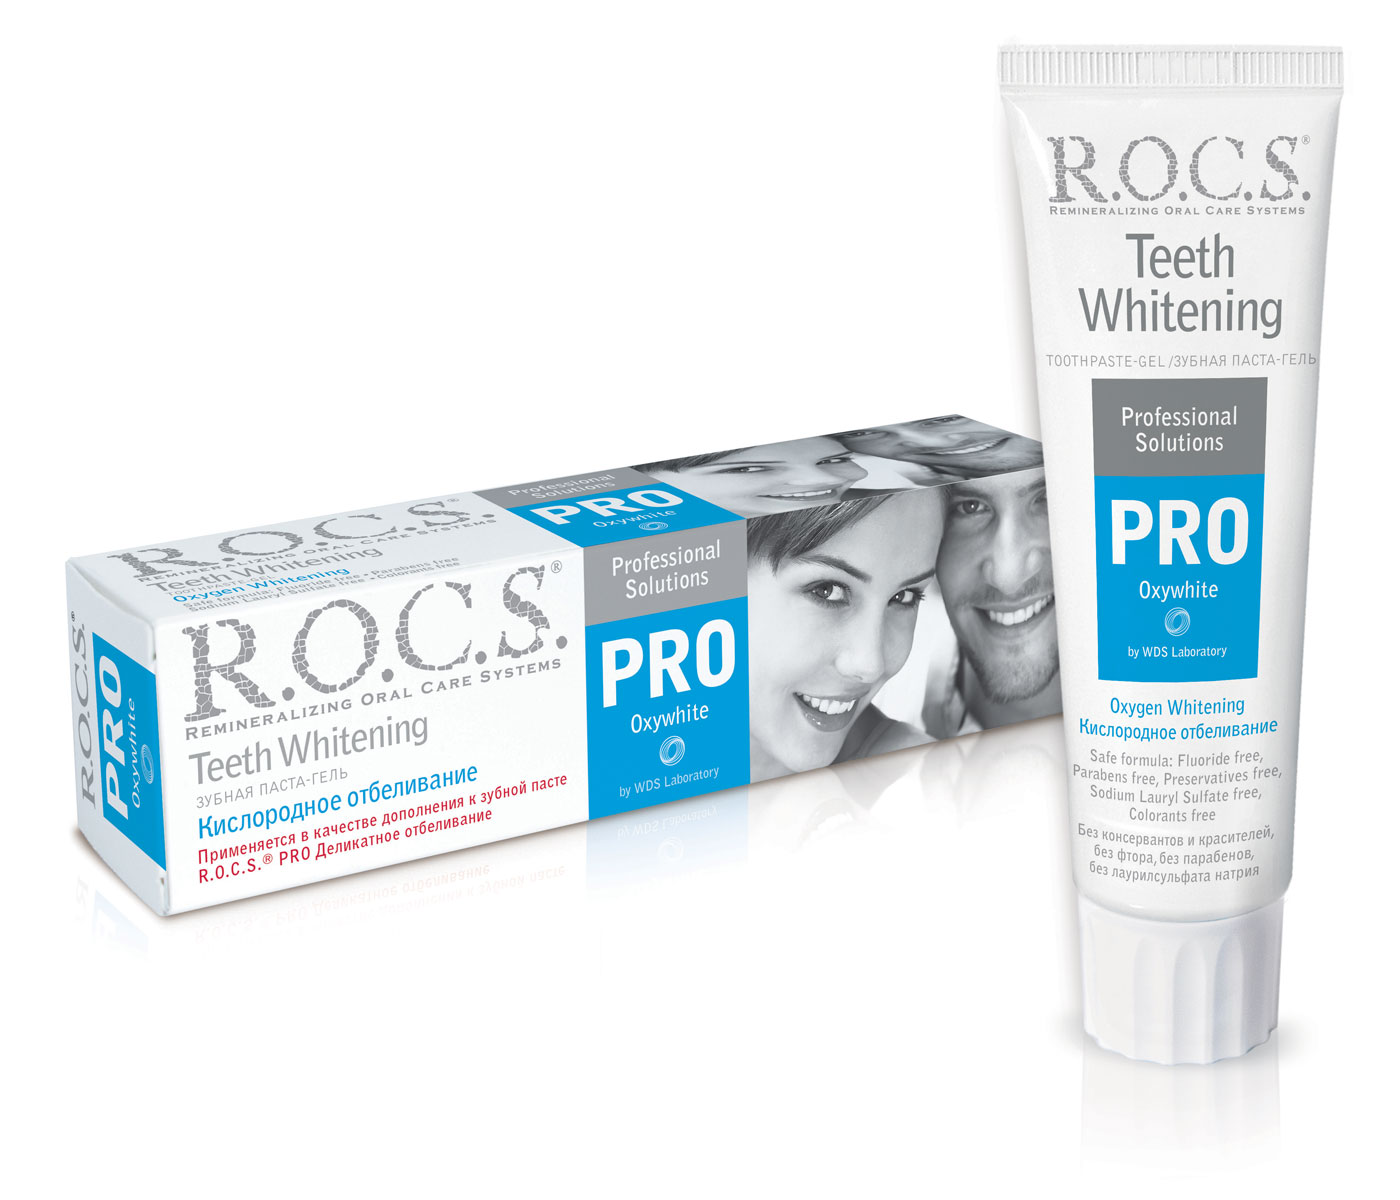 R.O.C.S. PRO Зубная паста Кислородное Отбеливание, 60 грSC-FM20104Паста имеет очень низкий показатель абразивности, поэтому может применяться как с обычной, так и с электрической зубной щеткой.